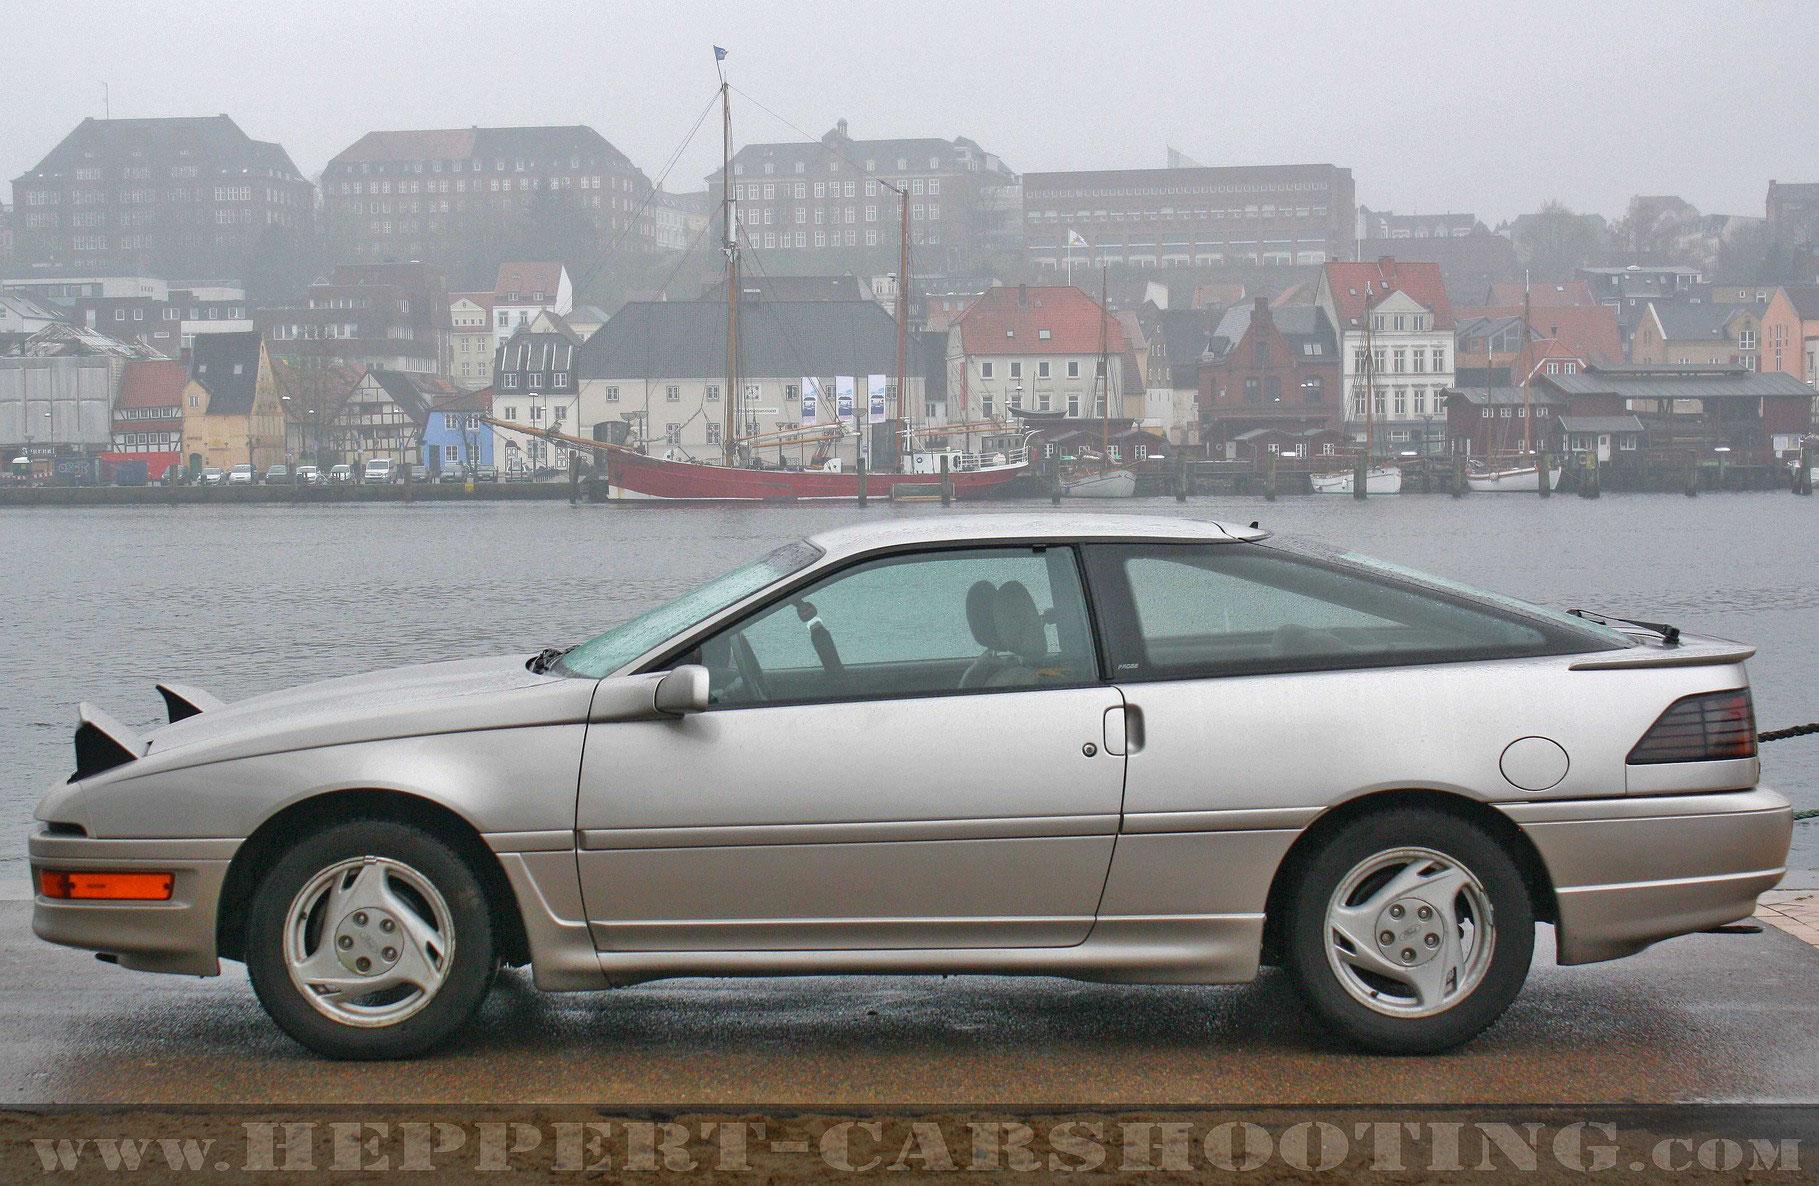 Ford Probe 1991 - heppert-carshootings Webseite!